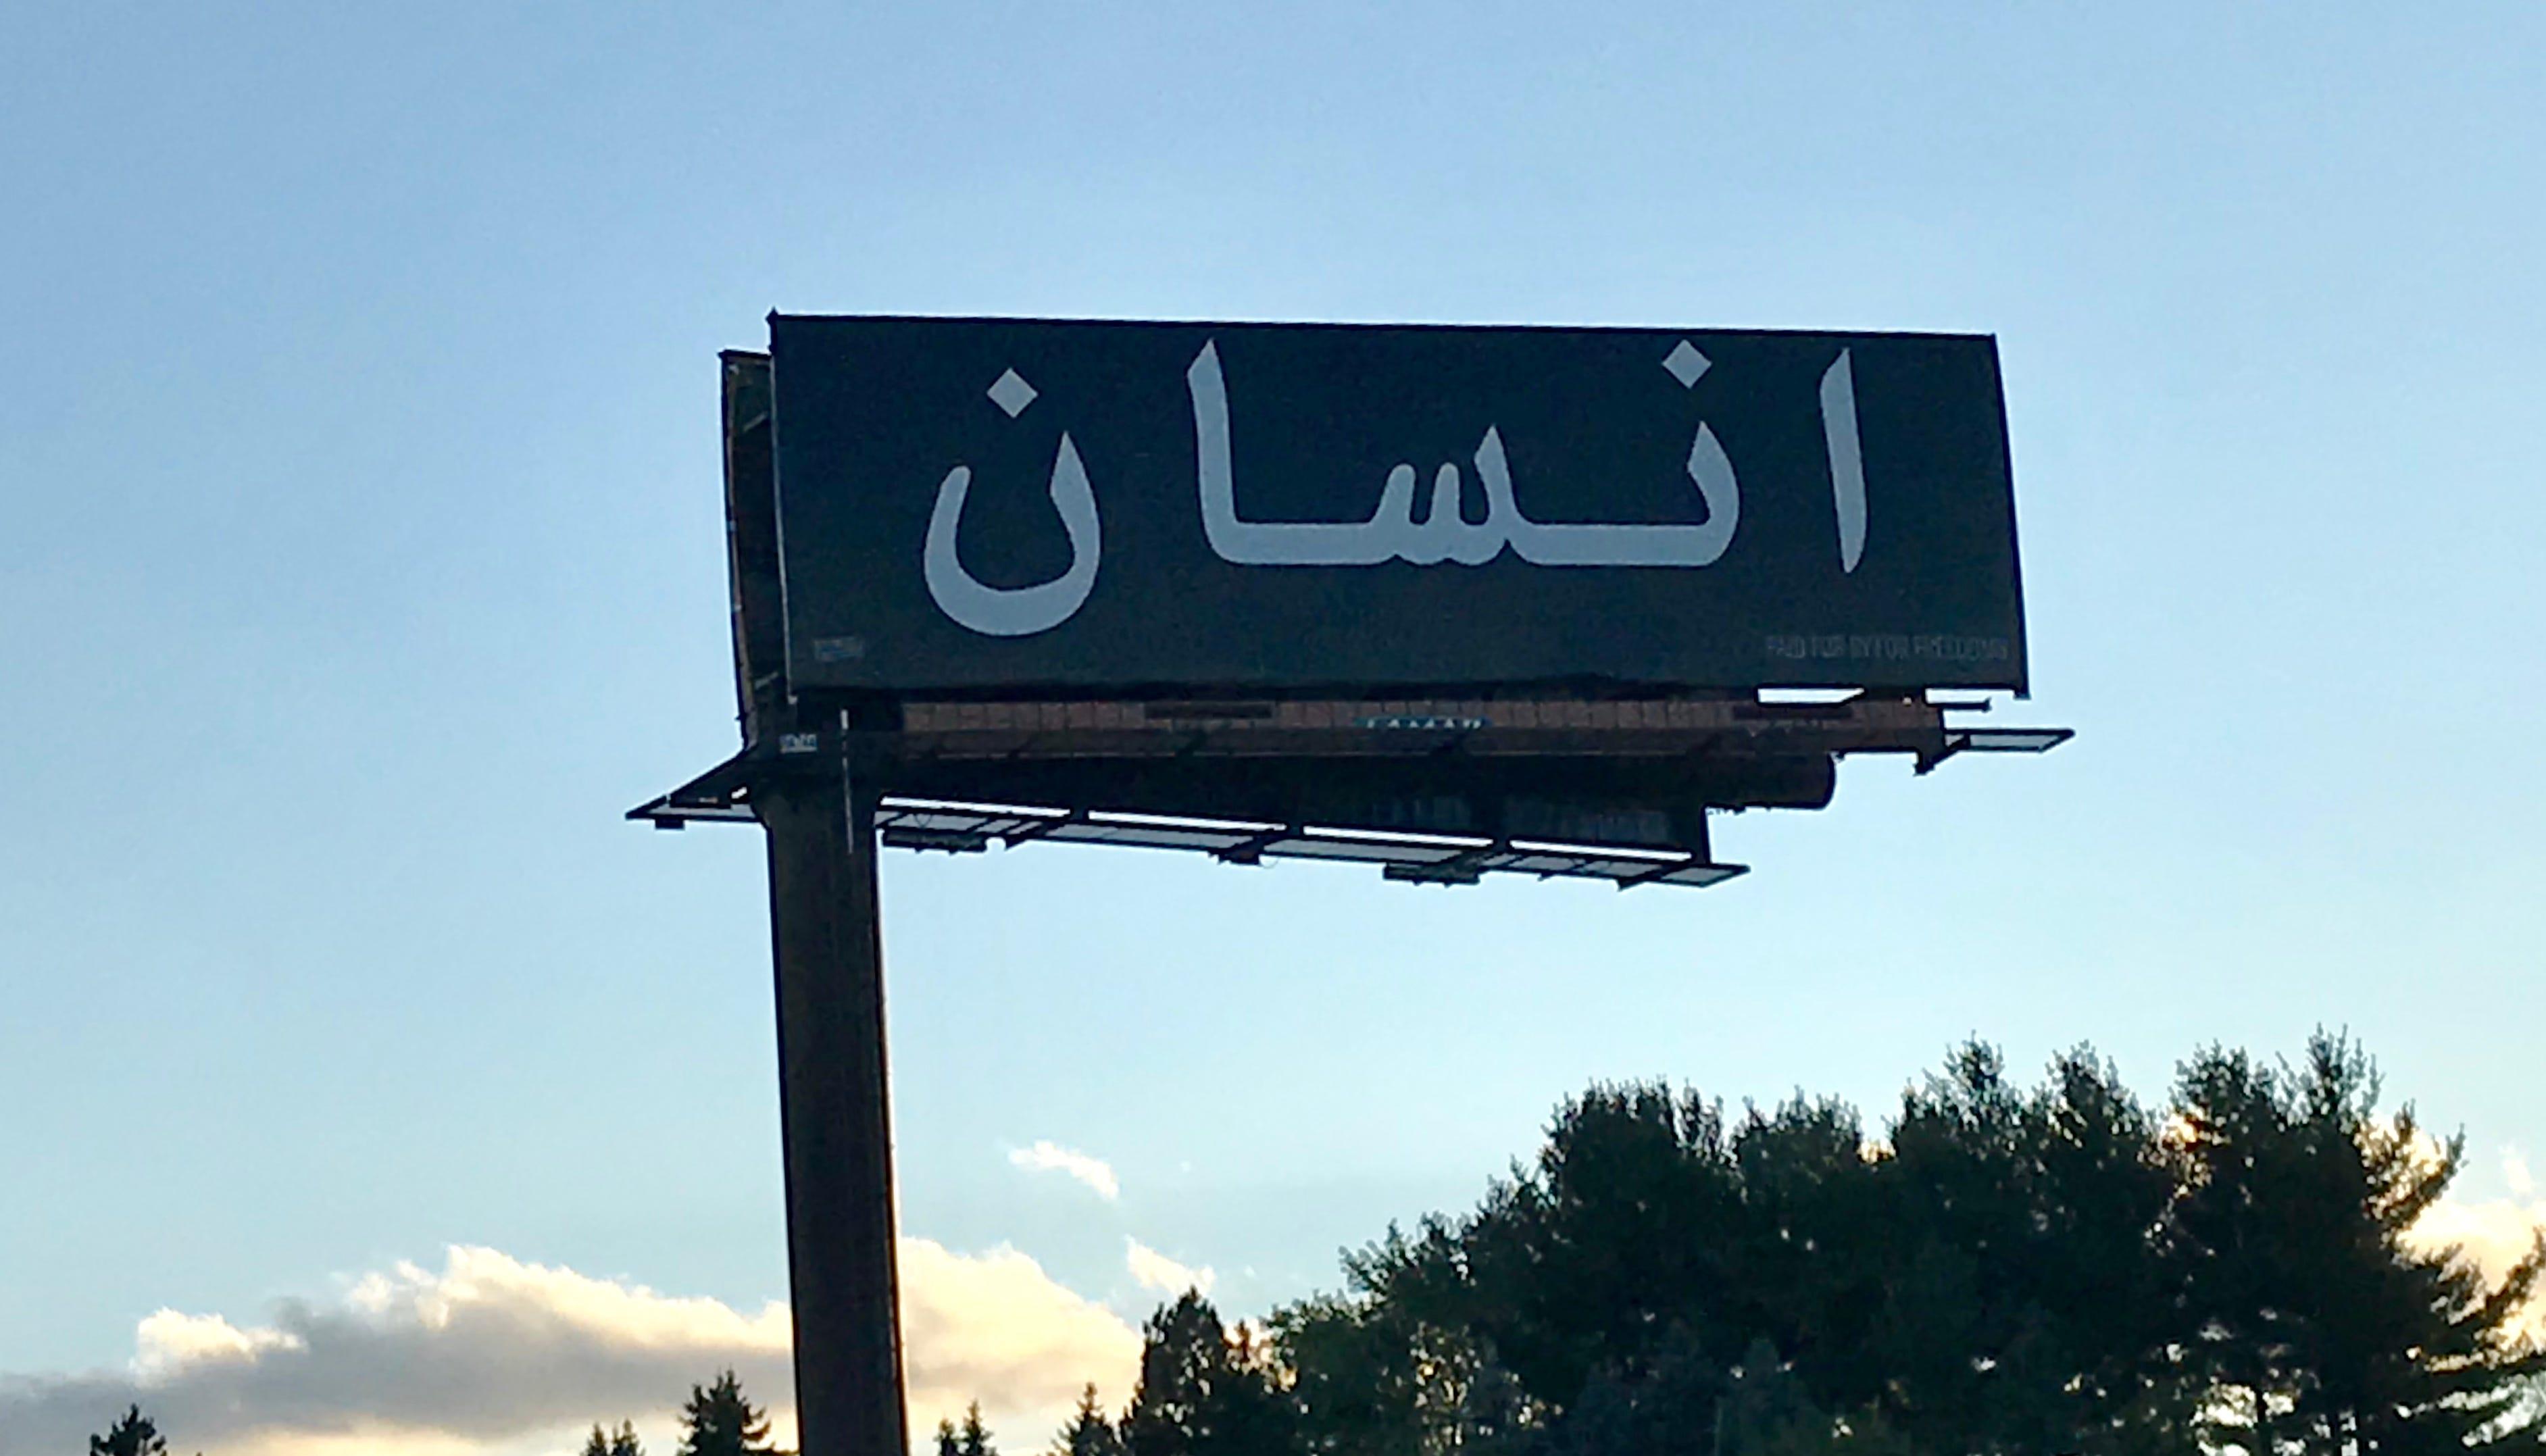 Arabic billboard near Lansing has people wondering: What does it mean?